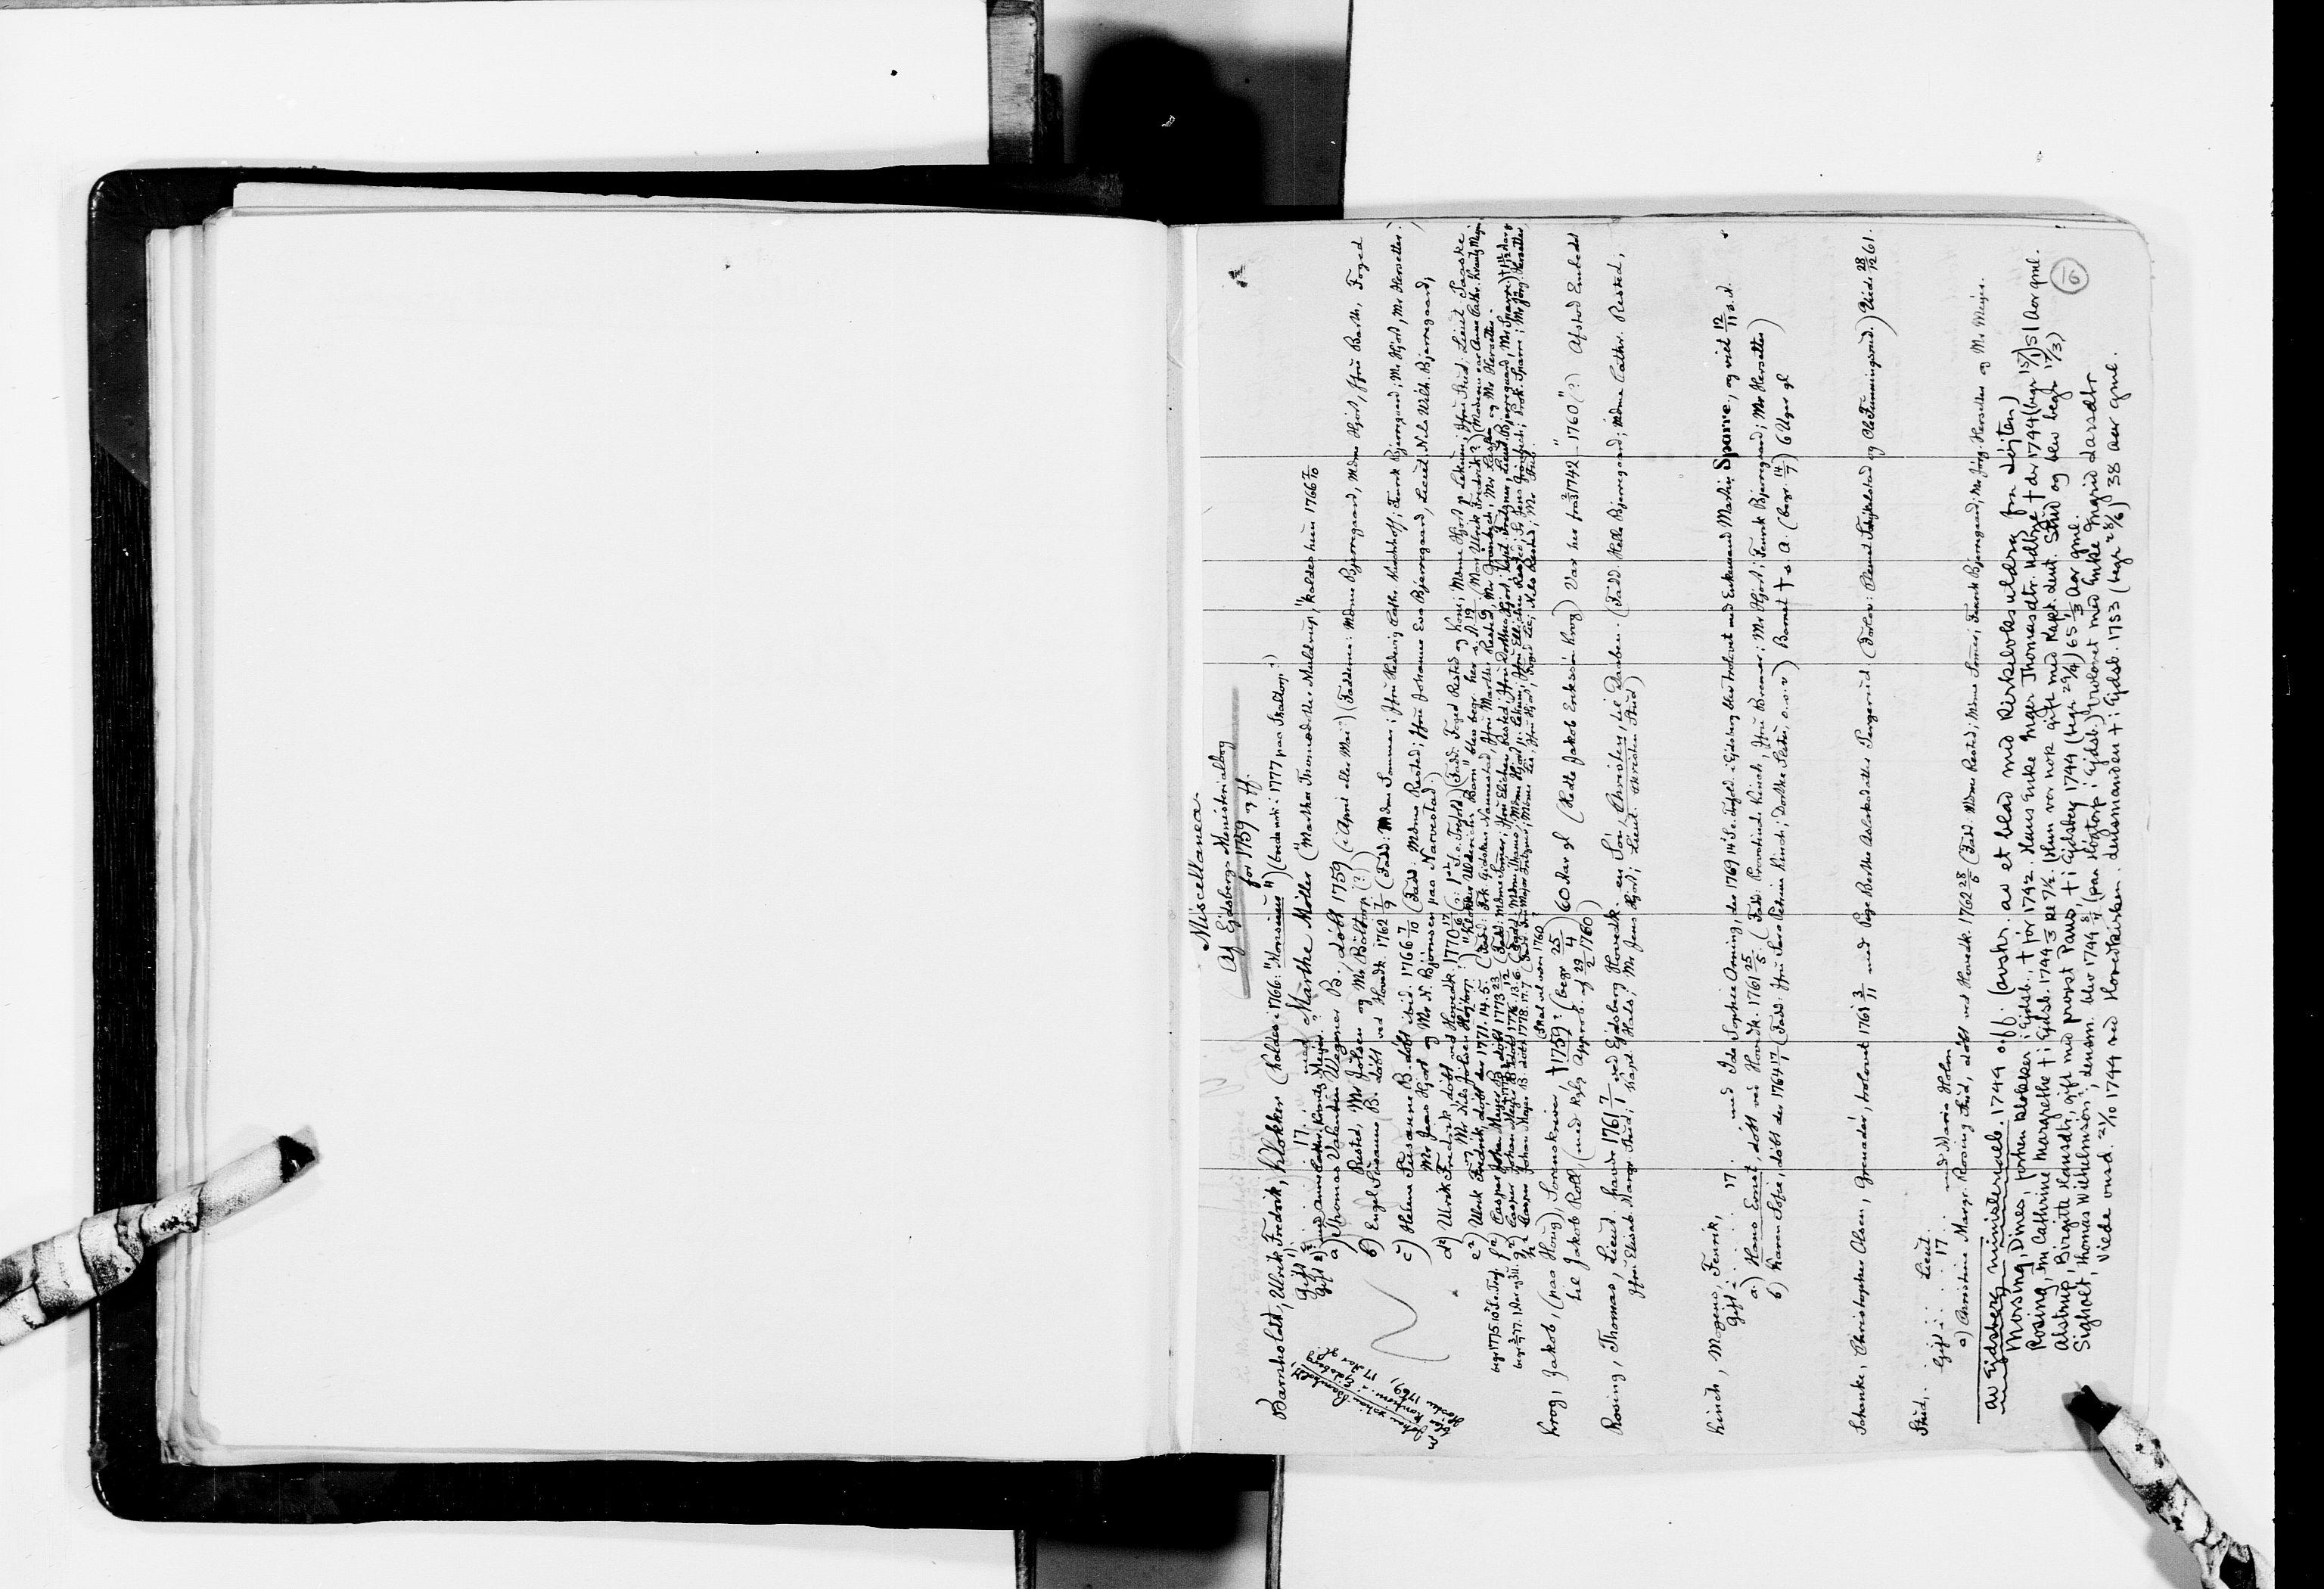 RA, Lassens samlinger, F/Fc, s. 16